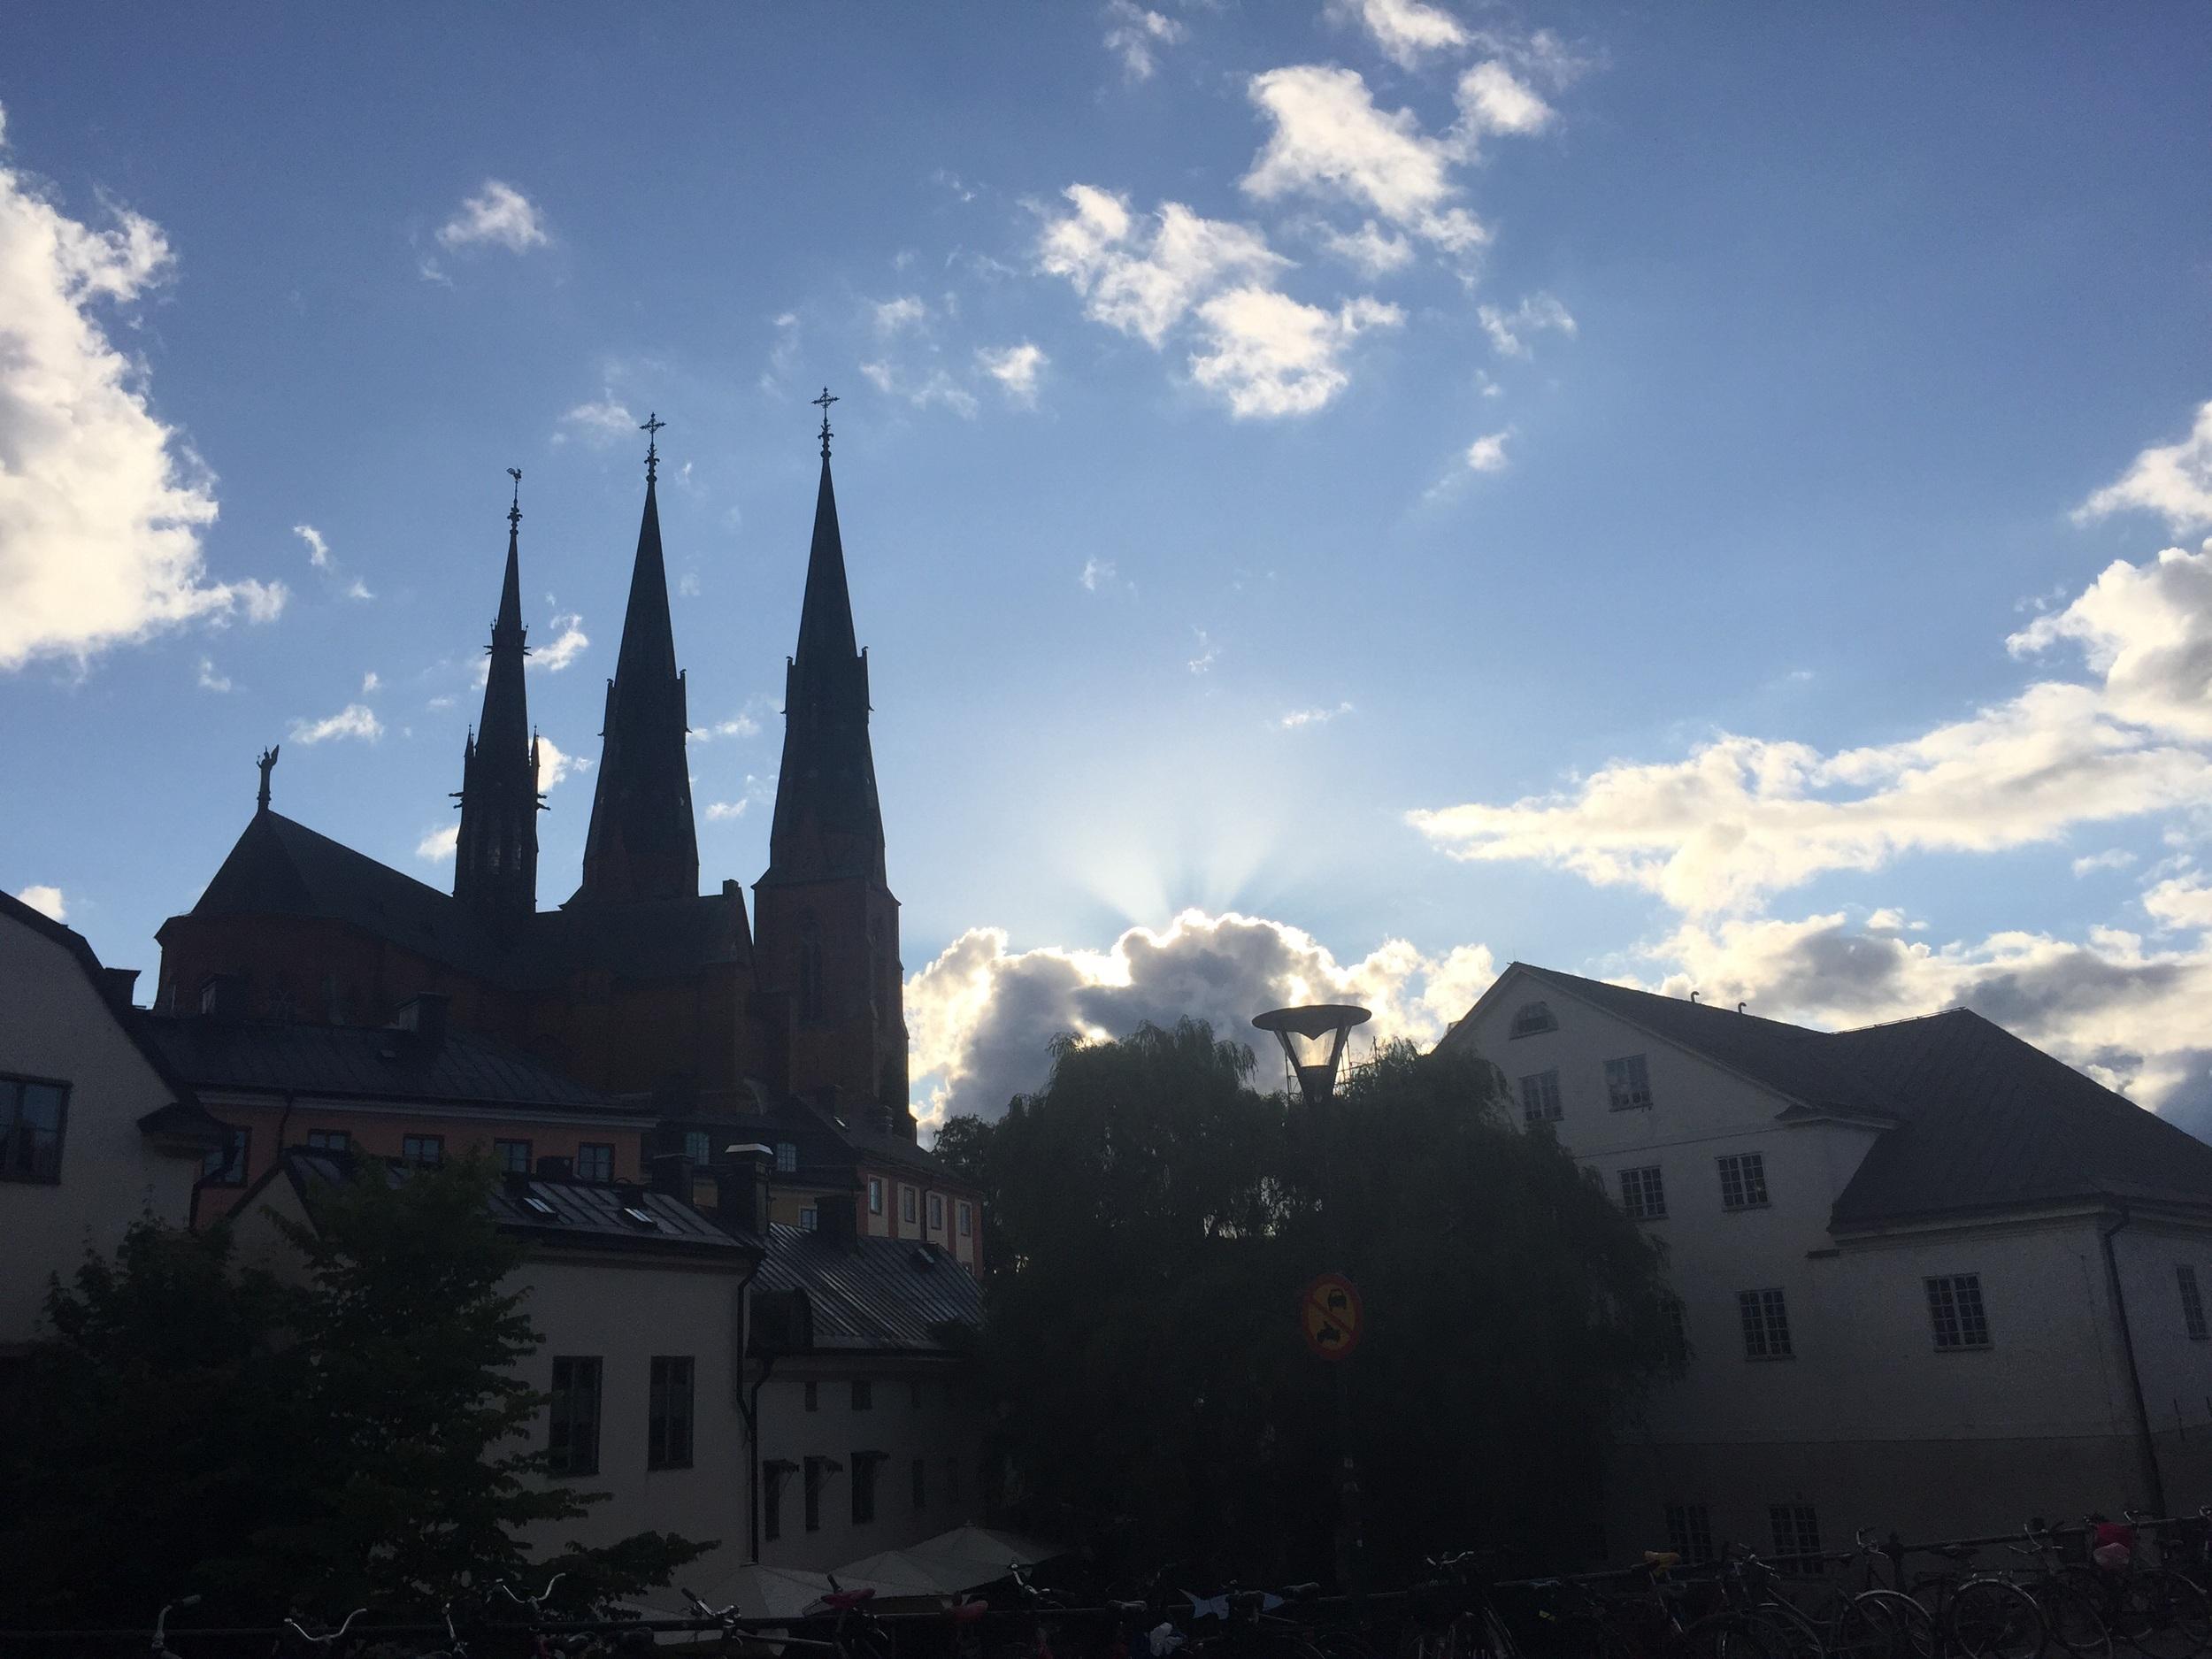 Domkyrkan, Uppsala.